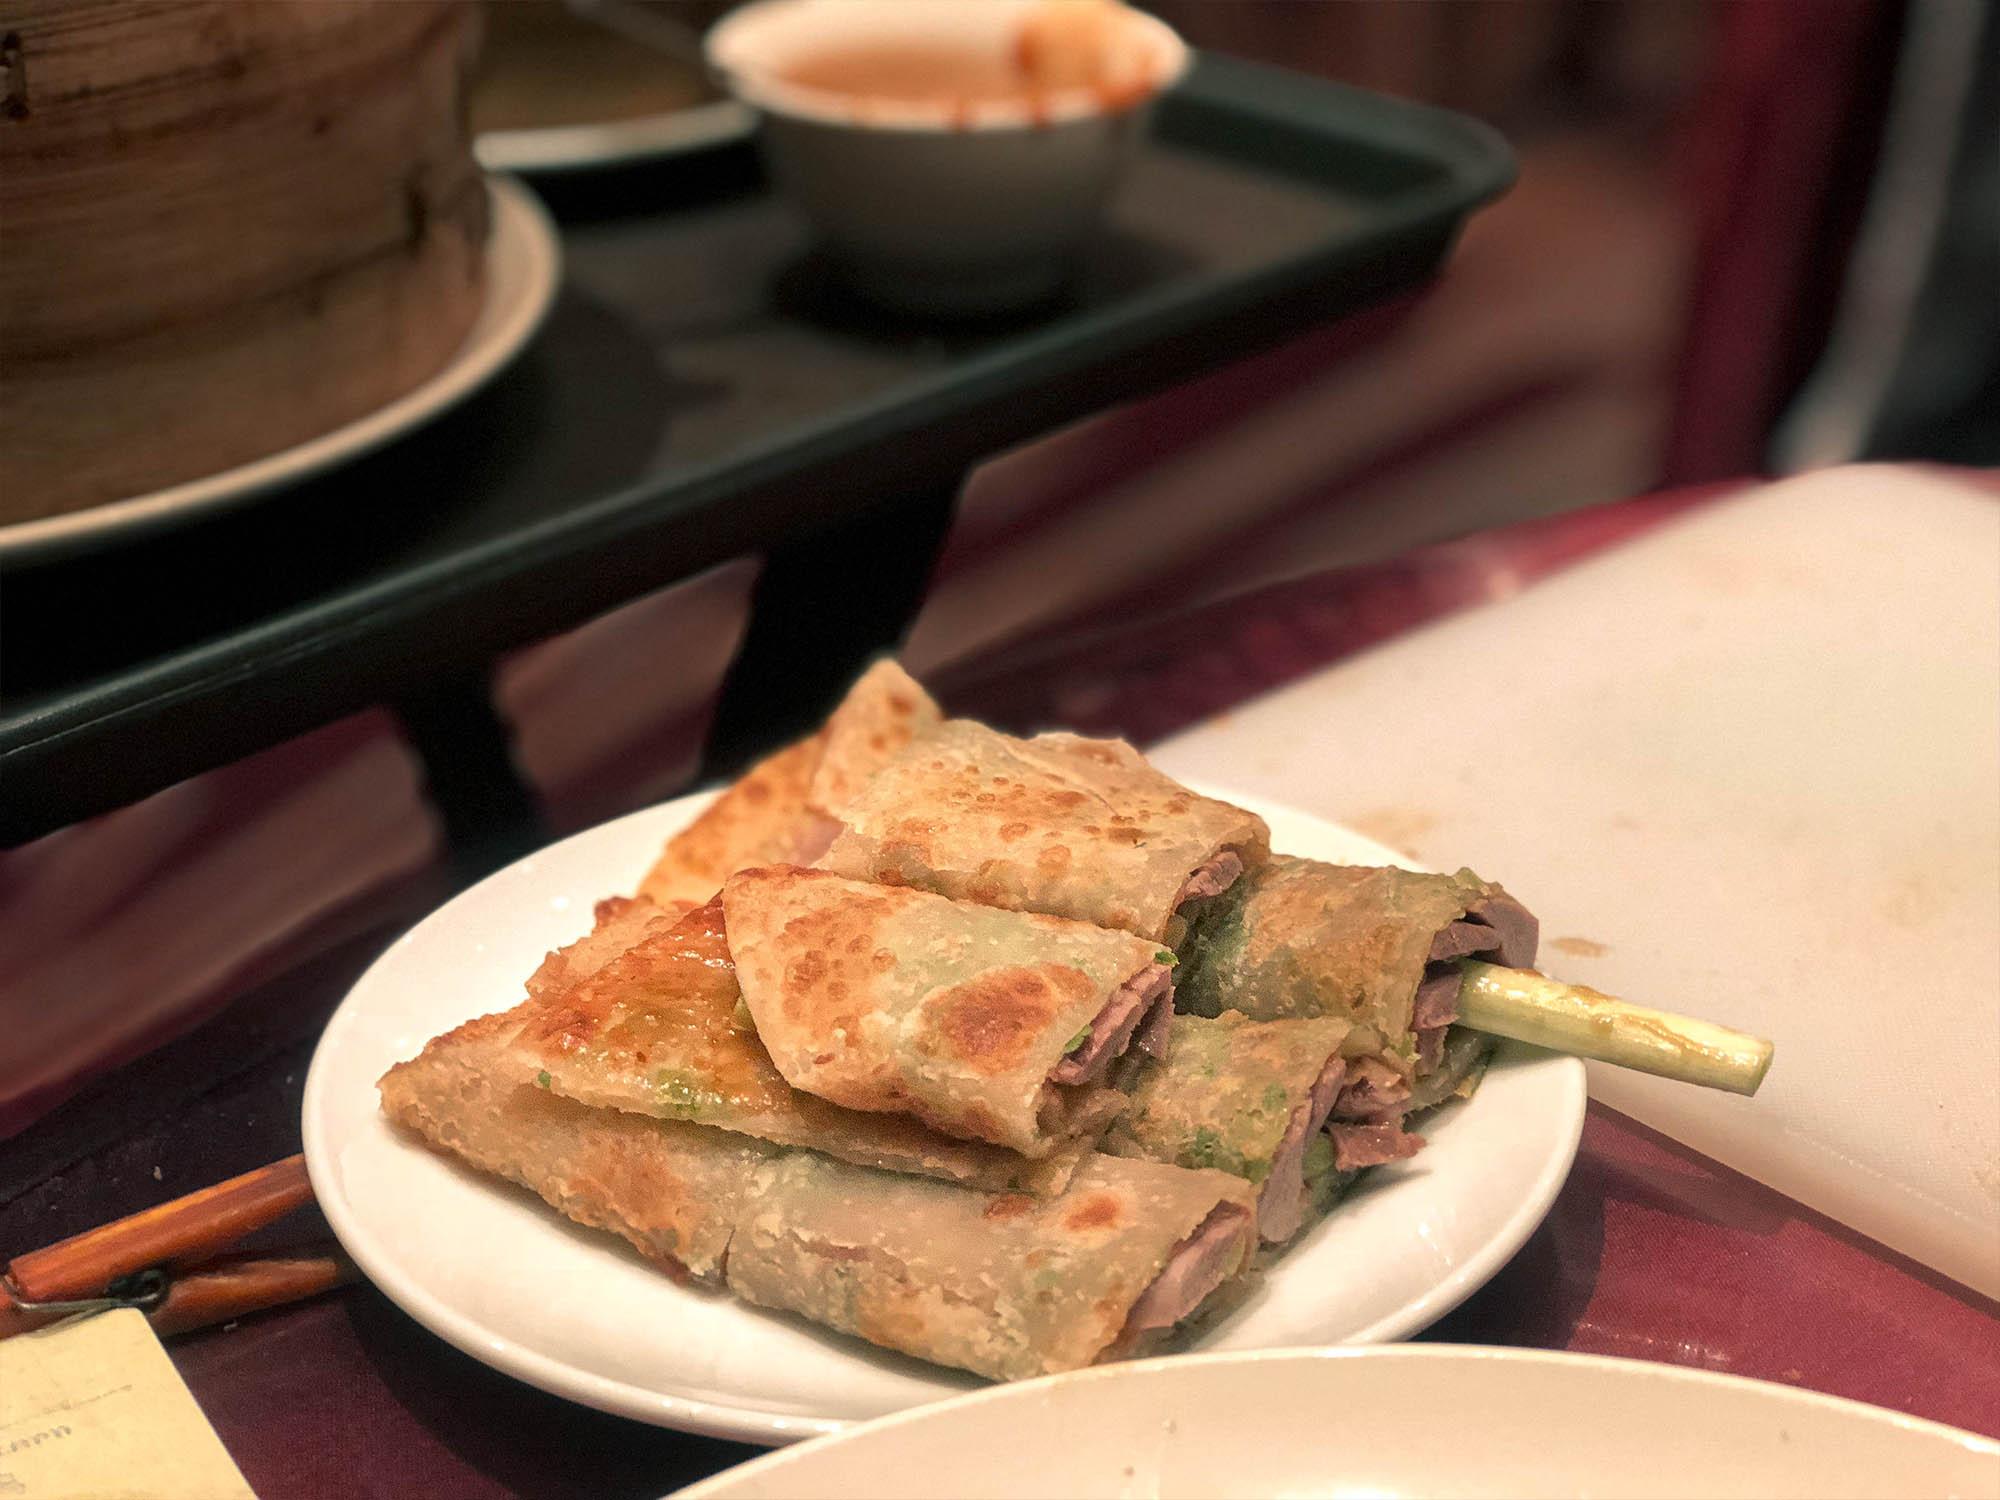 蘭城晶英_櫻桃鴨蔥油餅夾烤鴨